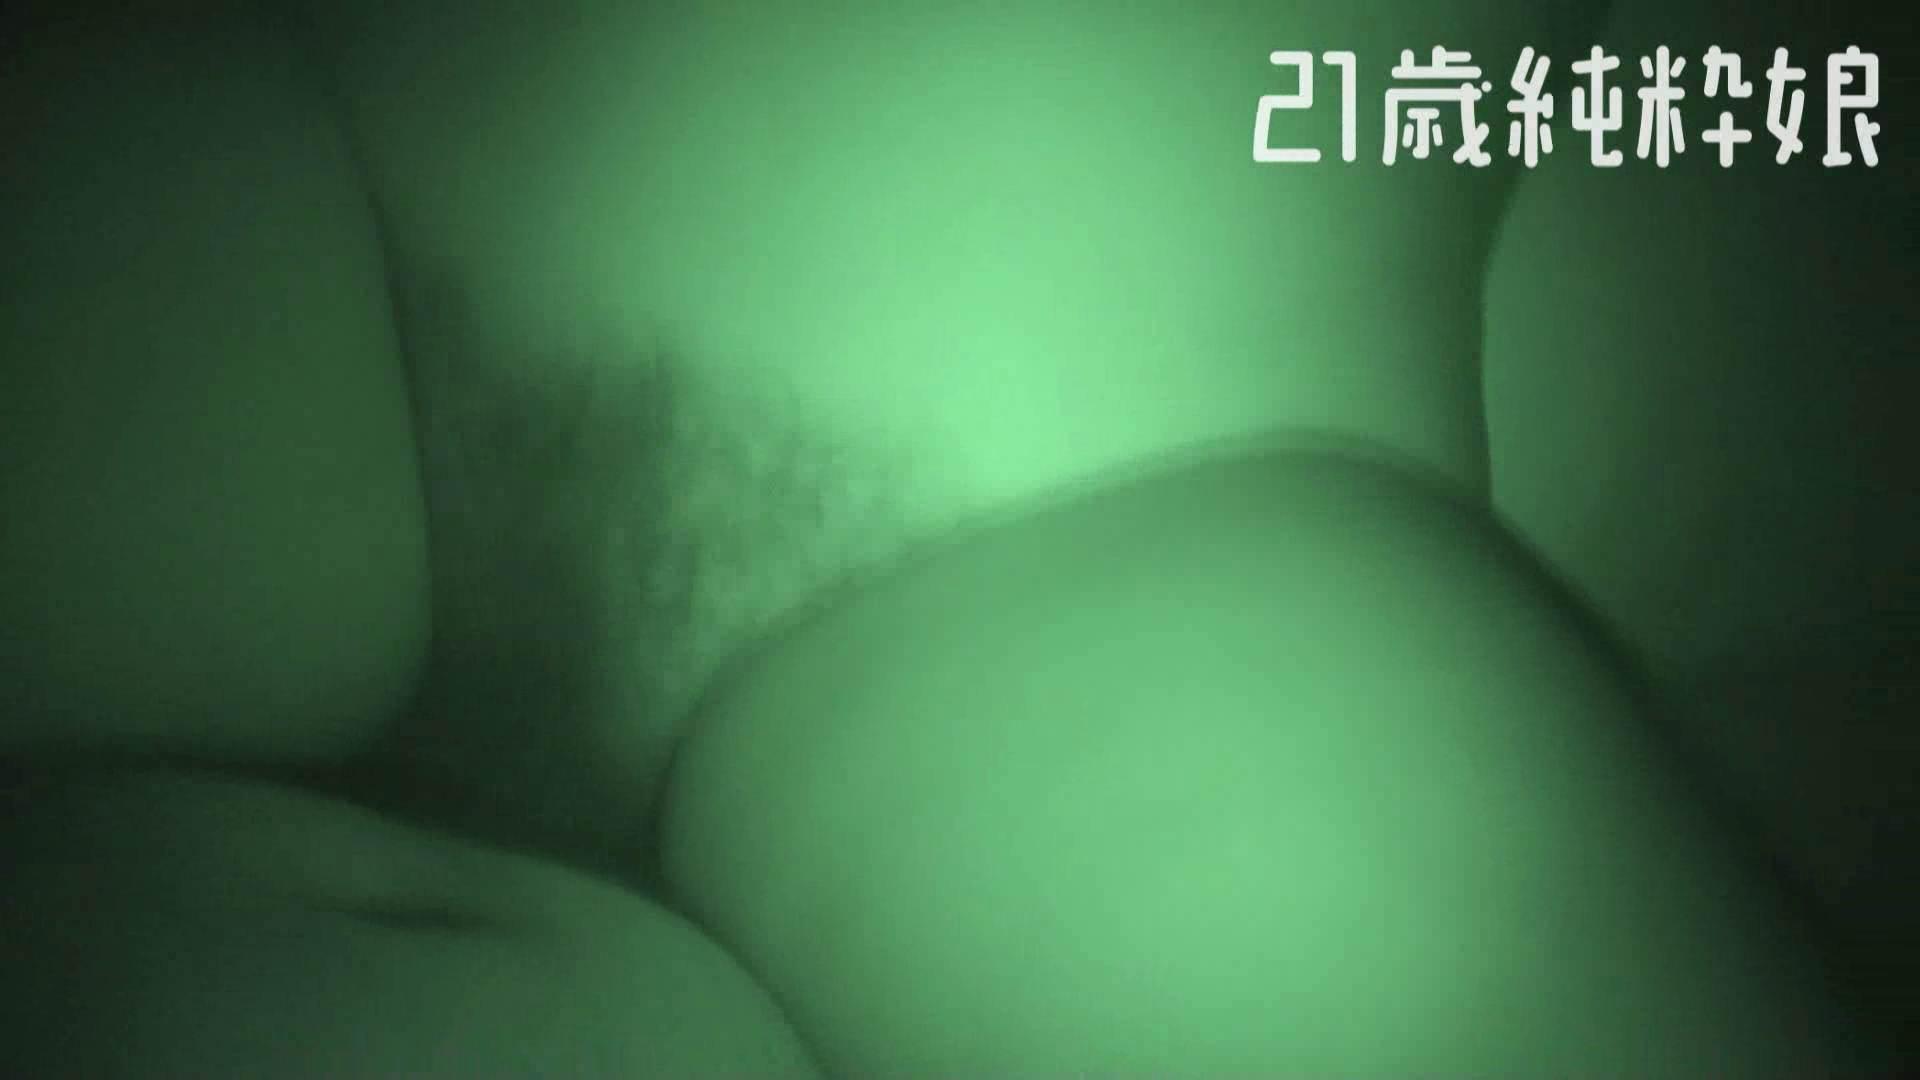 上京したばかりのGカップ21歳純粋嬢を都合の良い女にしてみた3 一般投稿 | オナニー特集  54画像 47